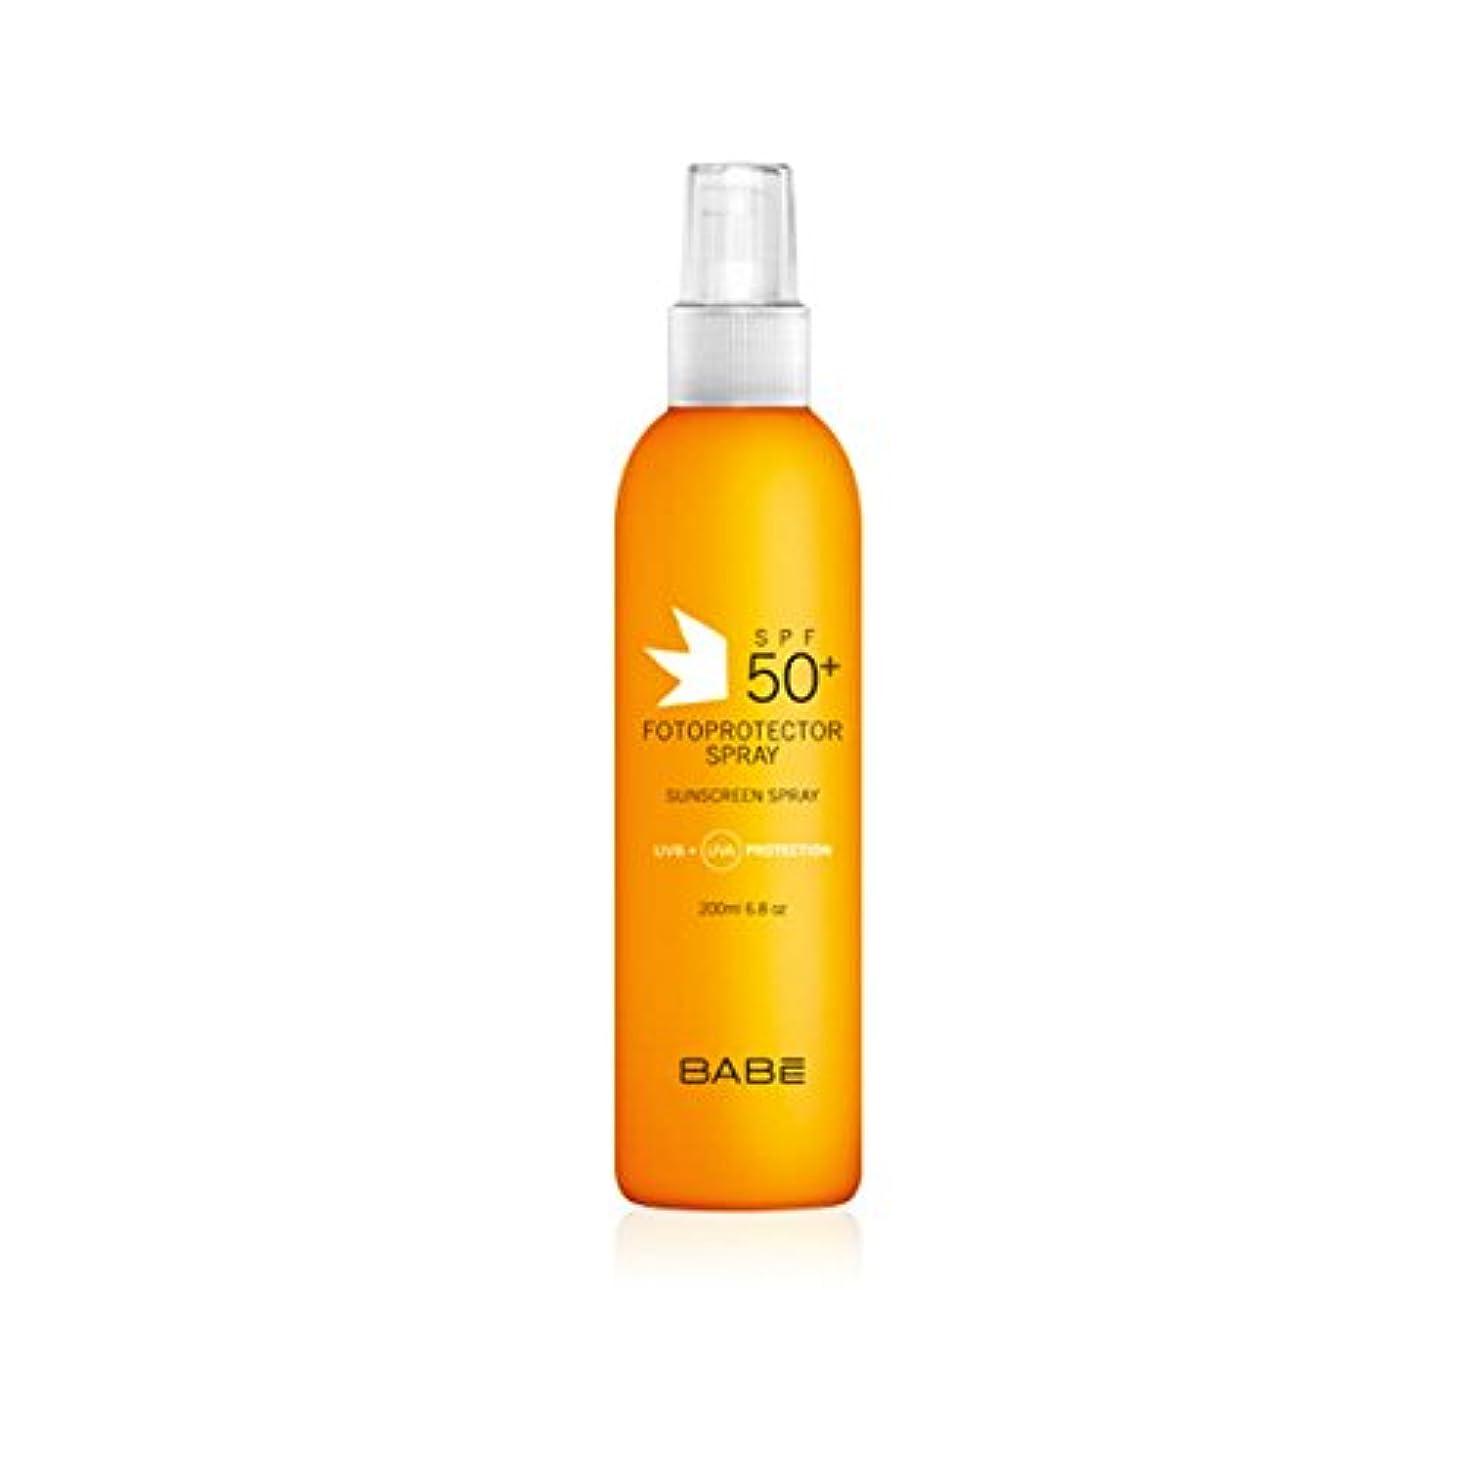 デンマークトレーニングセットアップBabe Sunscreen Spray Spf50+ 200ml [並行輸入品]